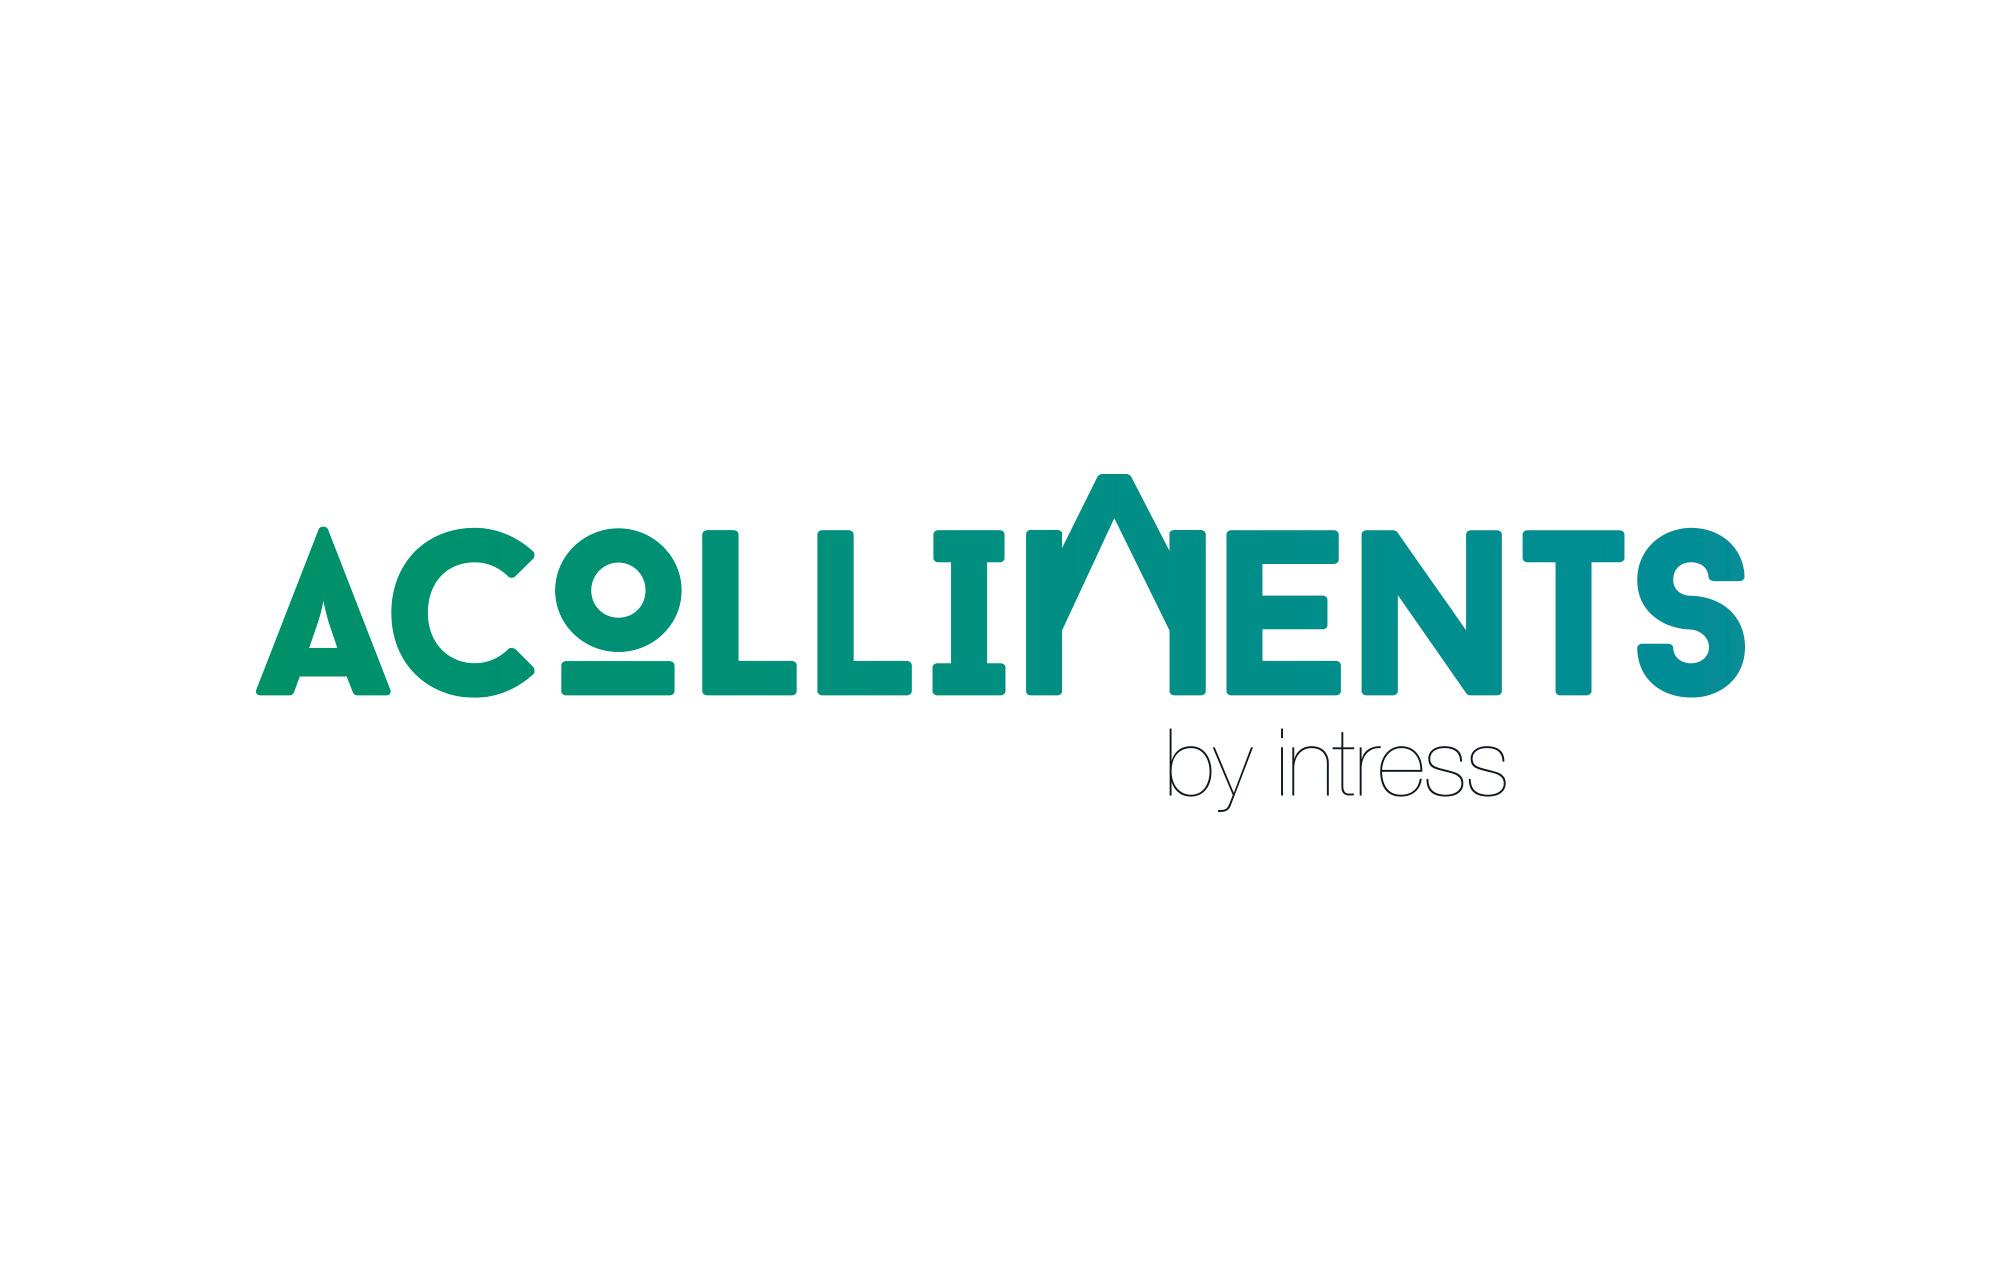 Acogidas, Acolliments, Barcelona, la Negreta, Campaña, Diseño Gráfico, Intress, Logotipo, Marca, Branding